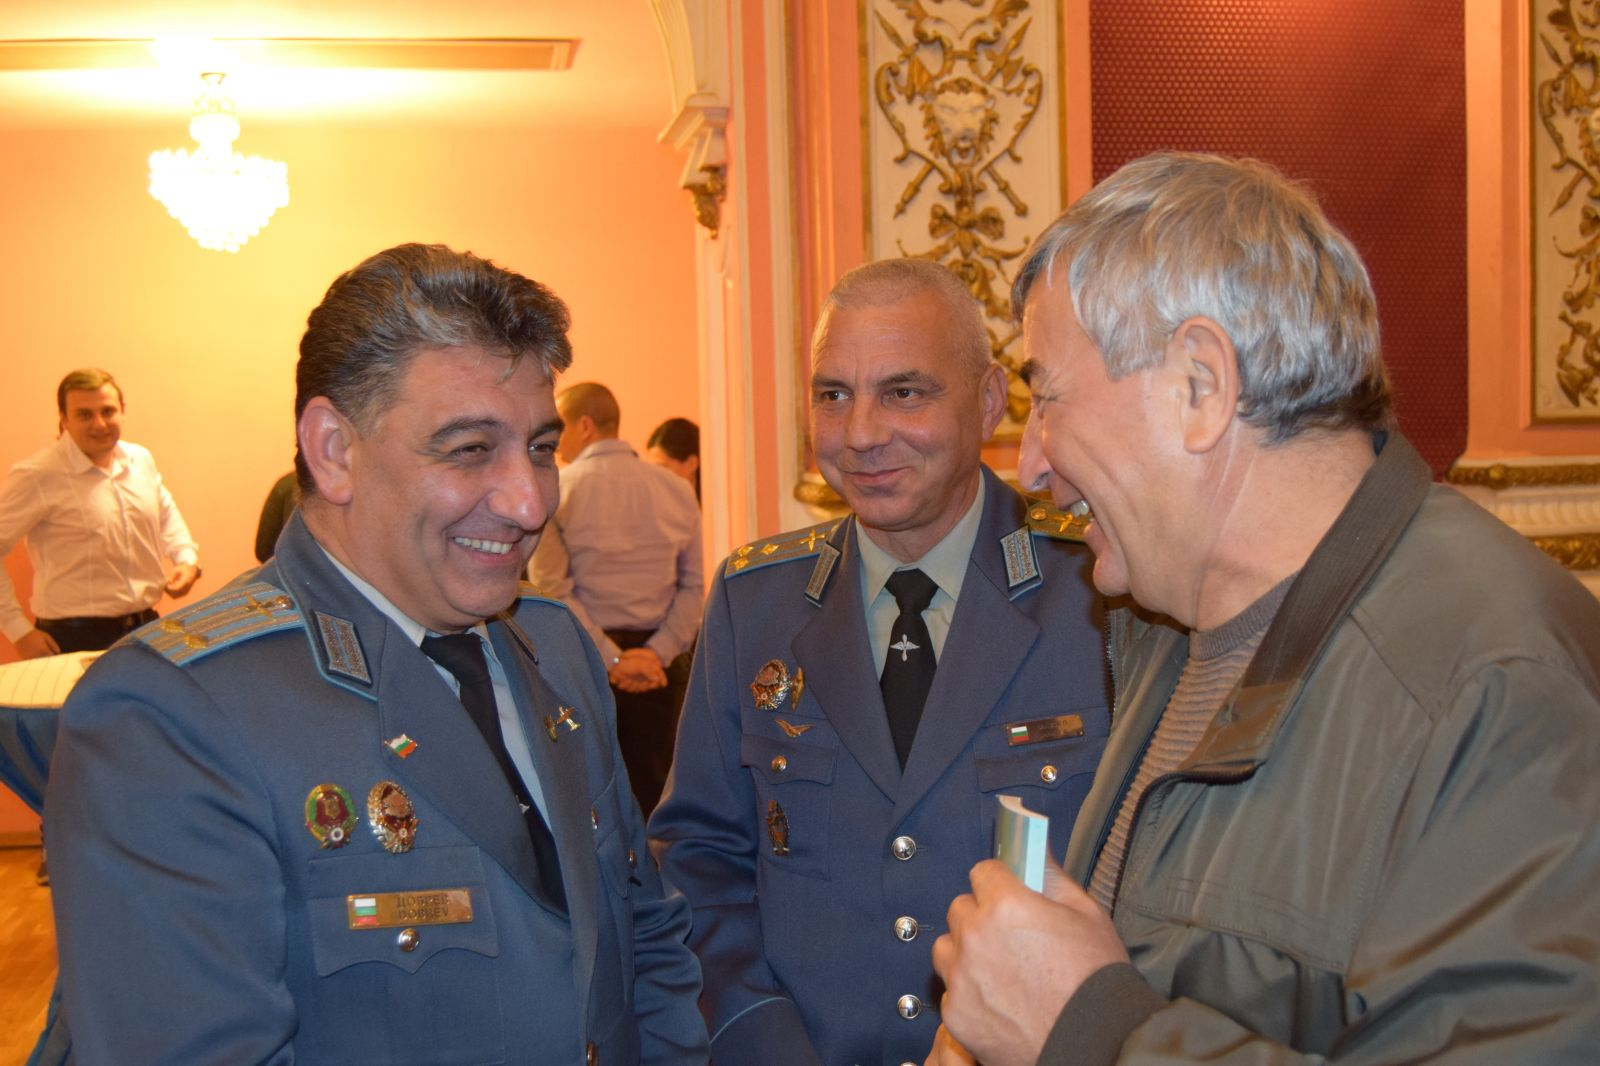 70 години инженерно-авиационна служба на българските ВВС (ГОЛЯМА ПРАЗНИЧНА ГАЛЕРИЯ)